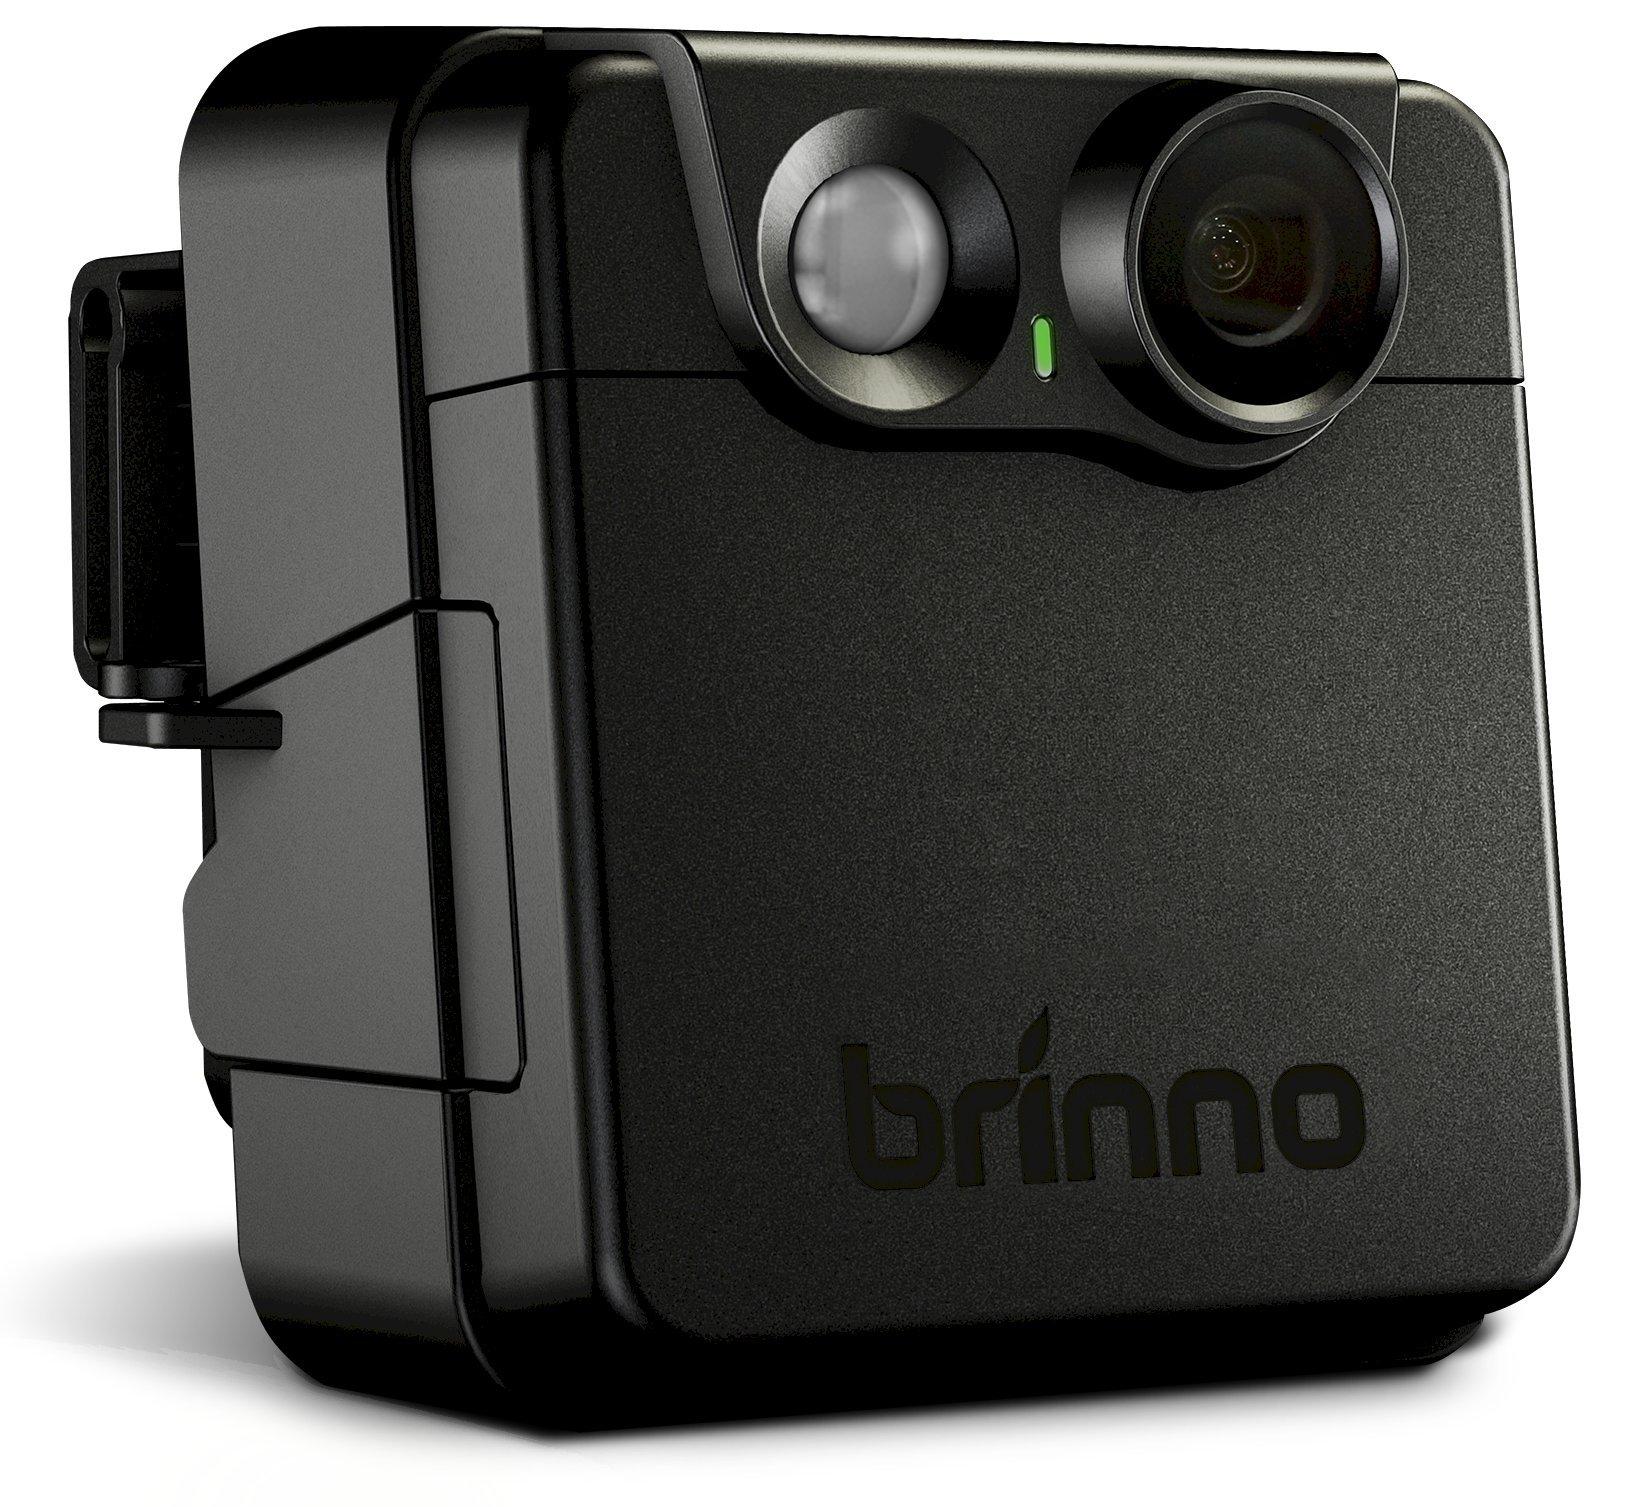 Brinno MAC200DN Portable Motion Activated Wireless Outdoor Security Camera (Black) by Brinno (Image #1)